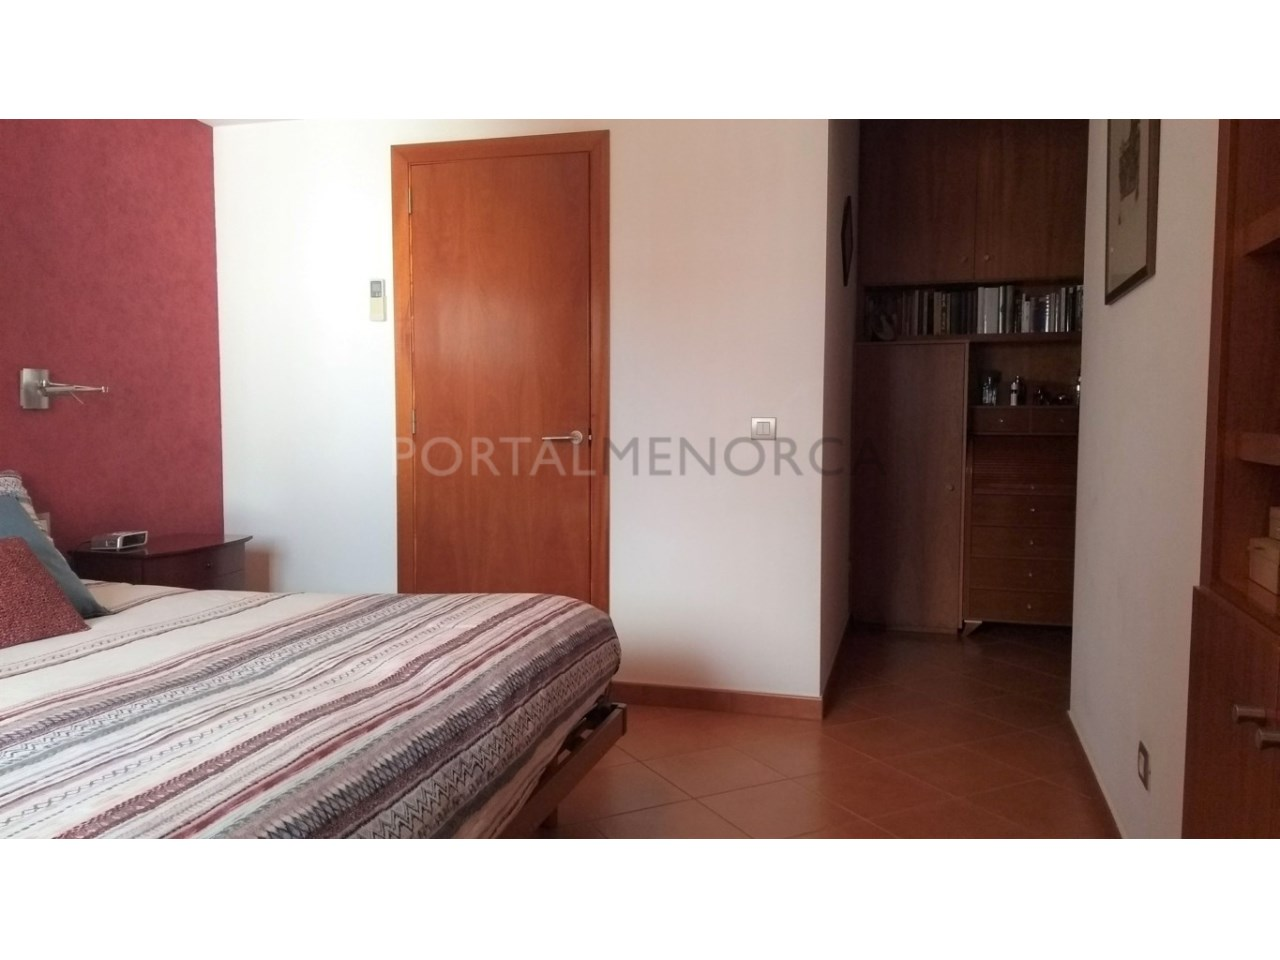 Amplia Casa con patio en venta en Ciutadella suite+entrada